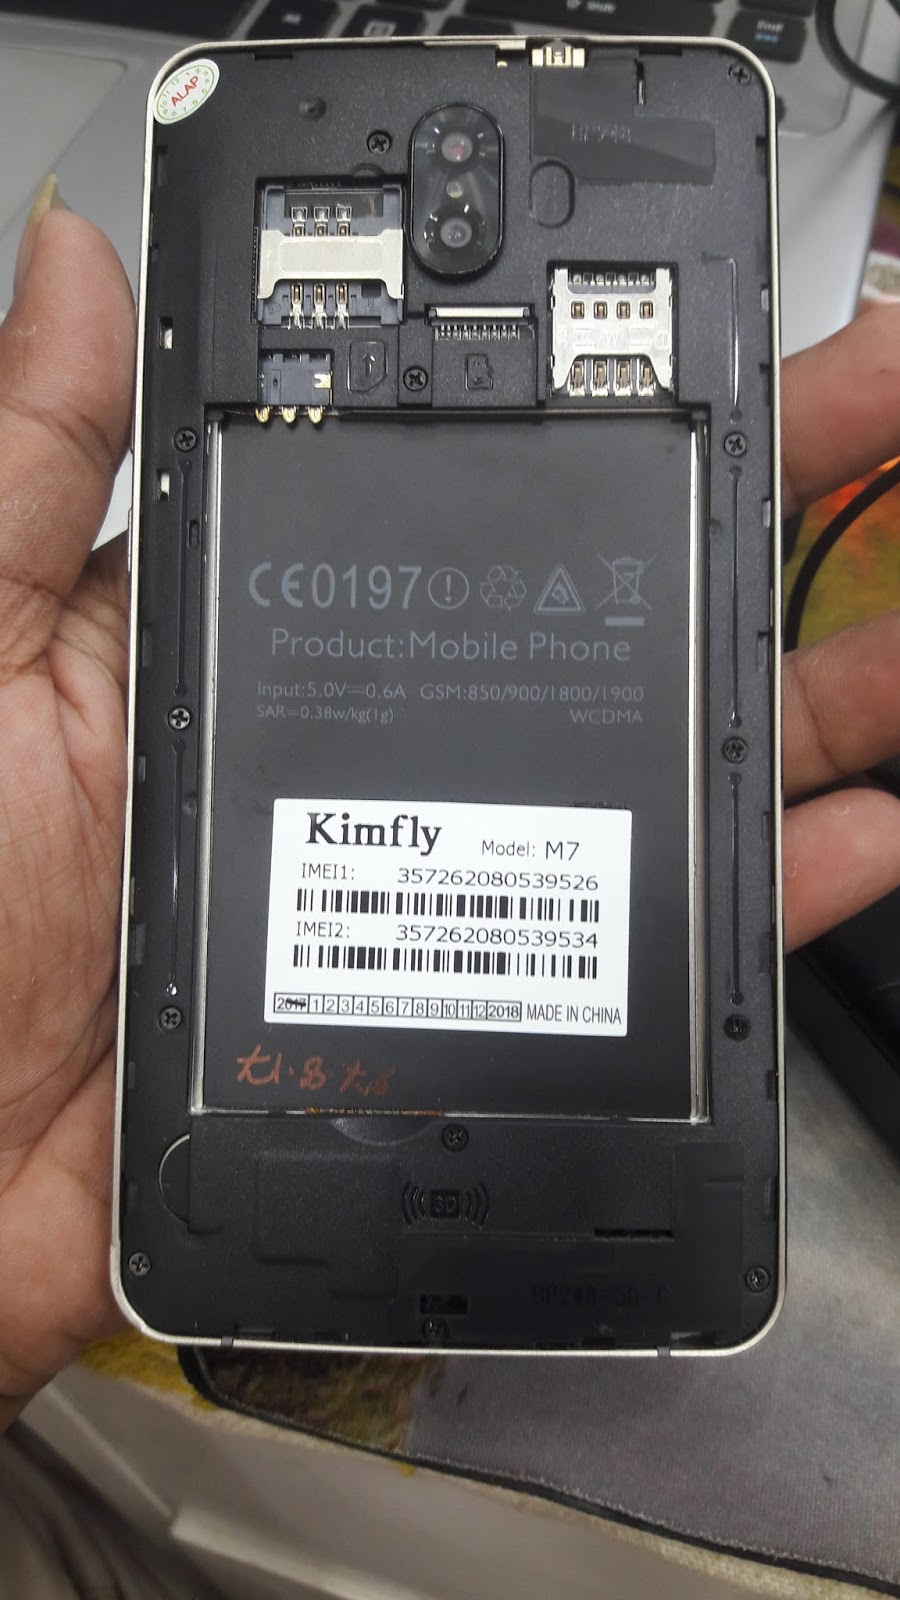 Kimfly Z7 Flash File